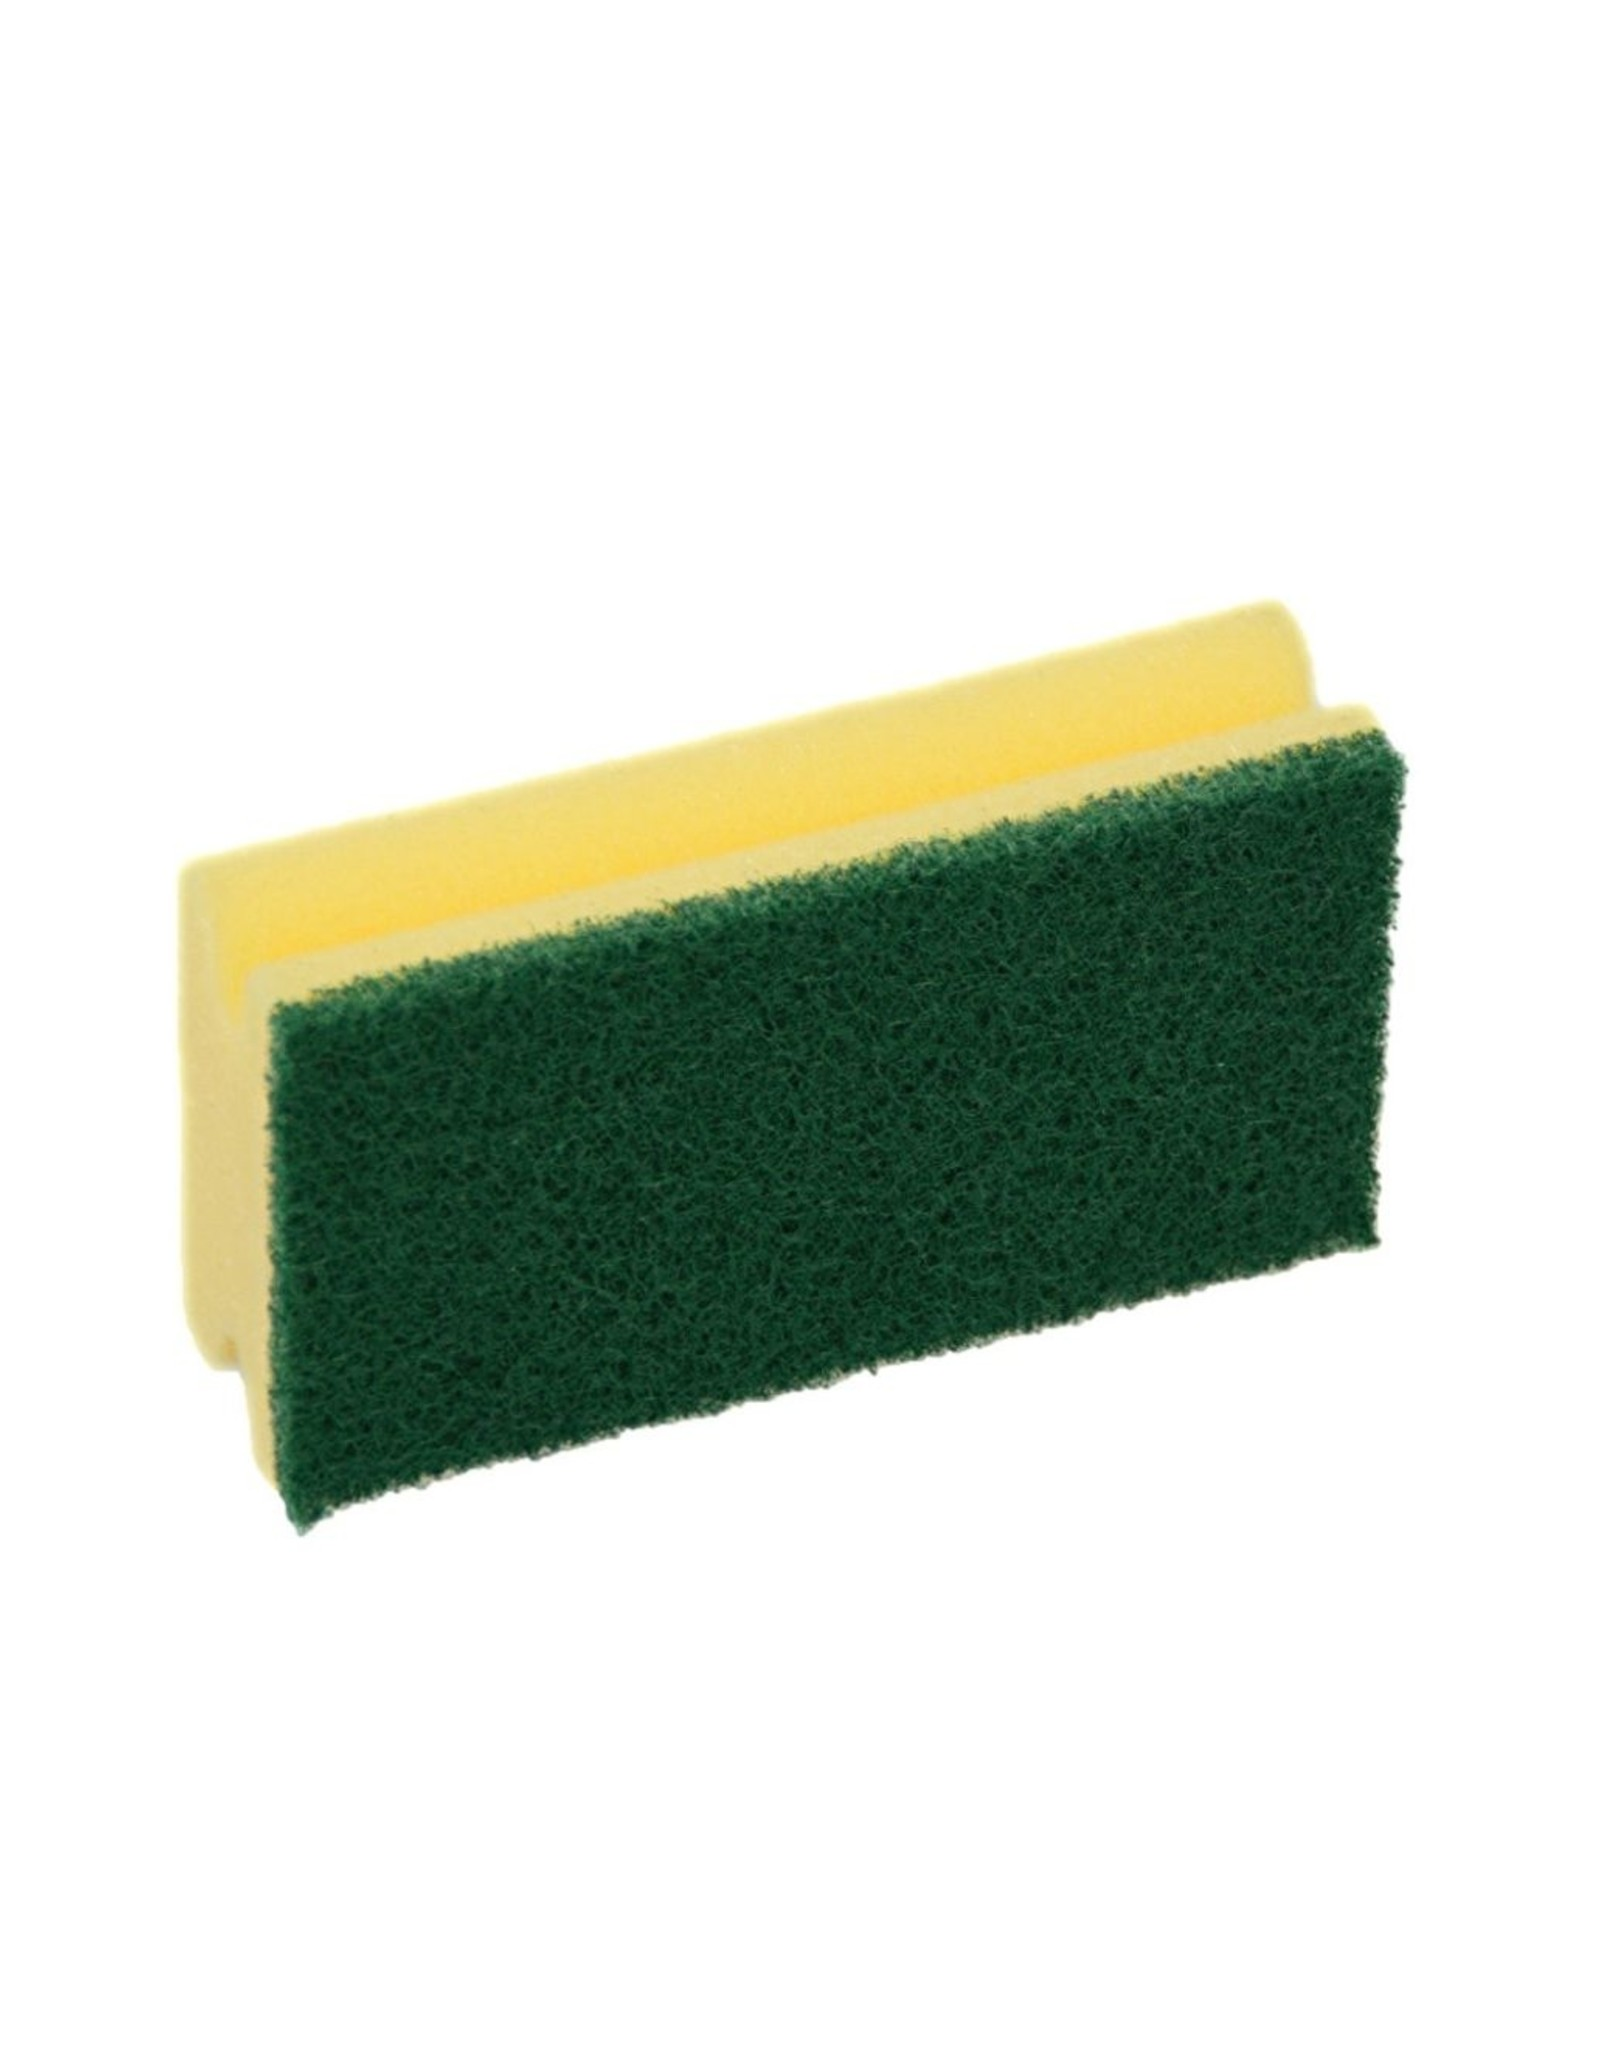 Spons m.greep. 7x14,5x4,3cm. geel met groene pad (5st.)